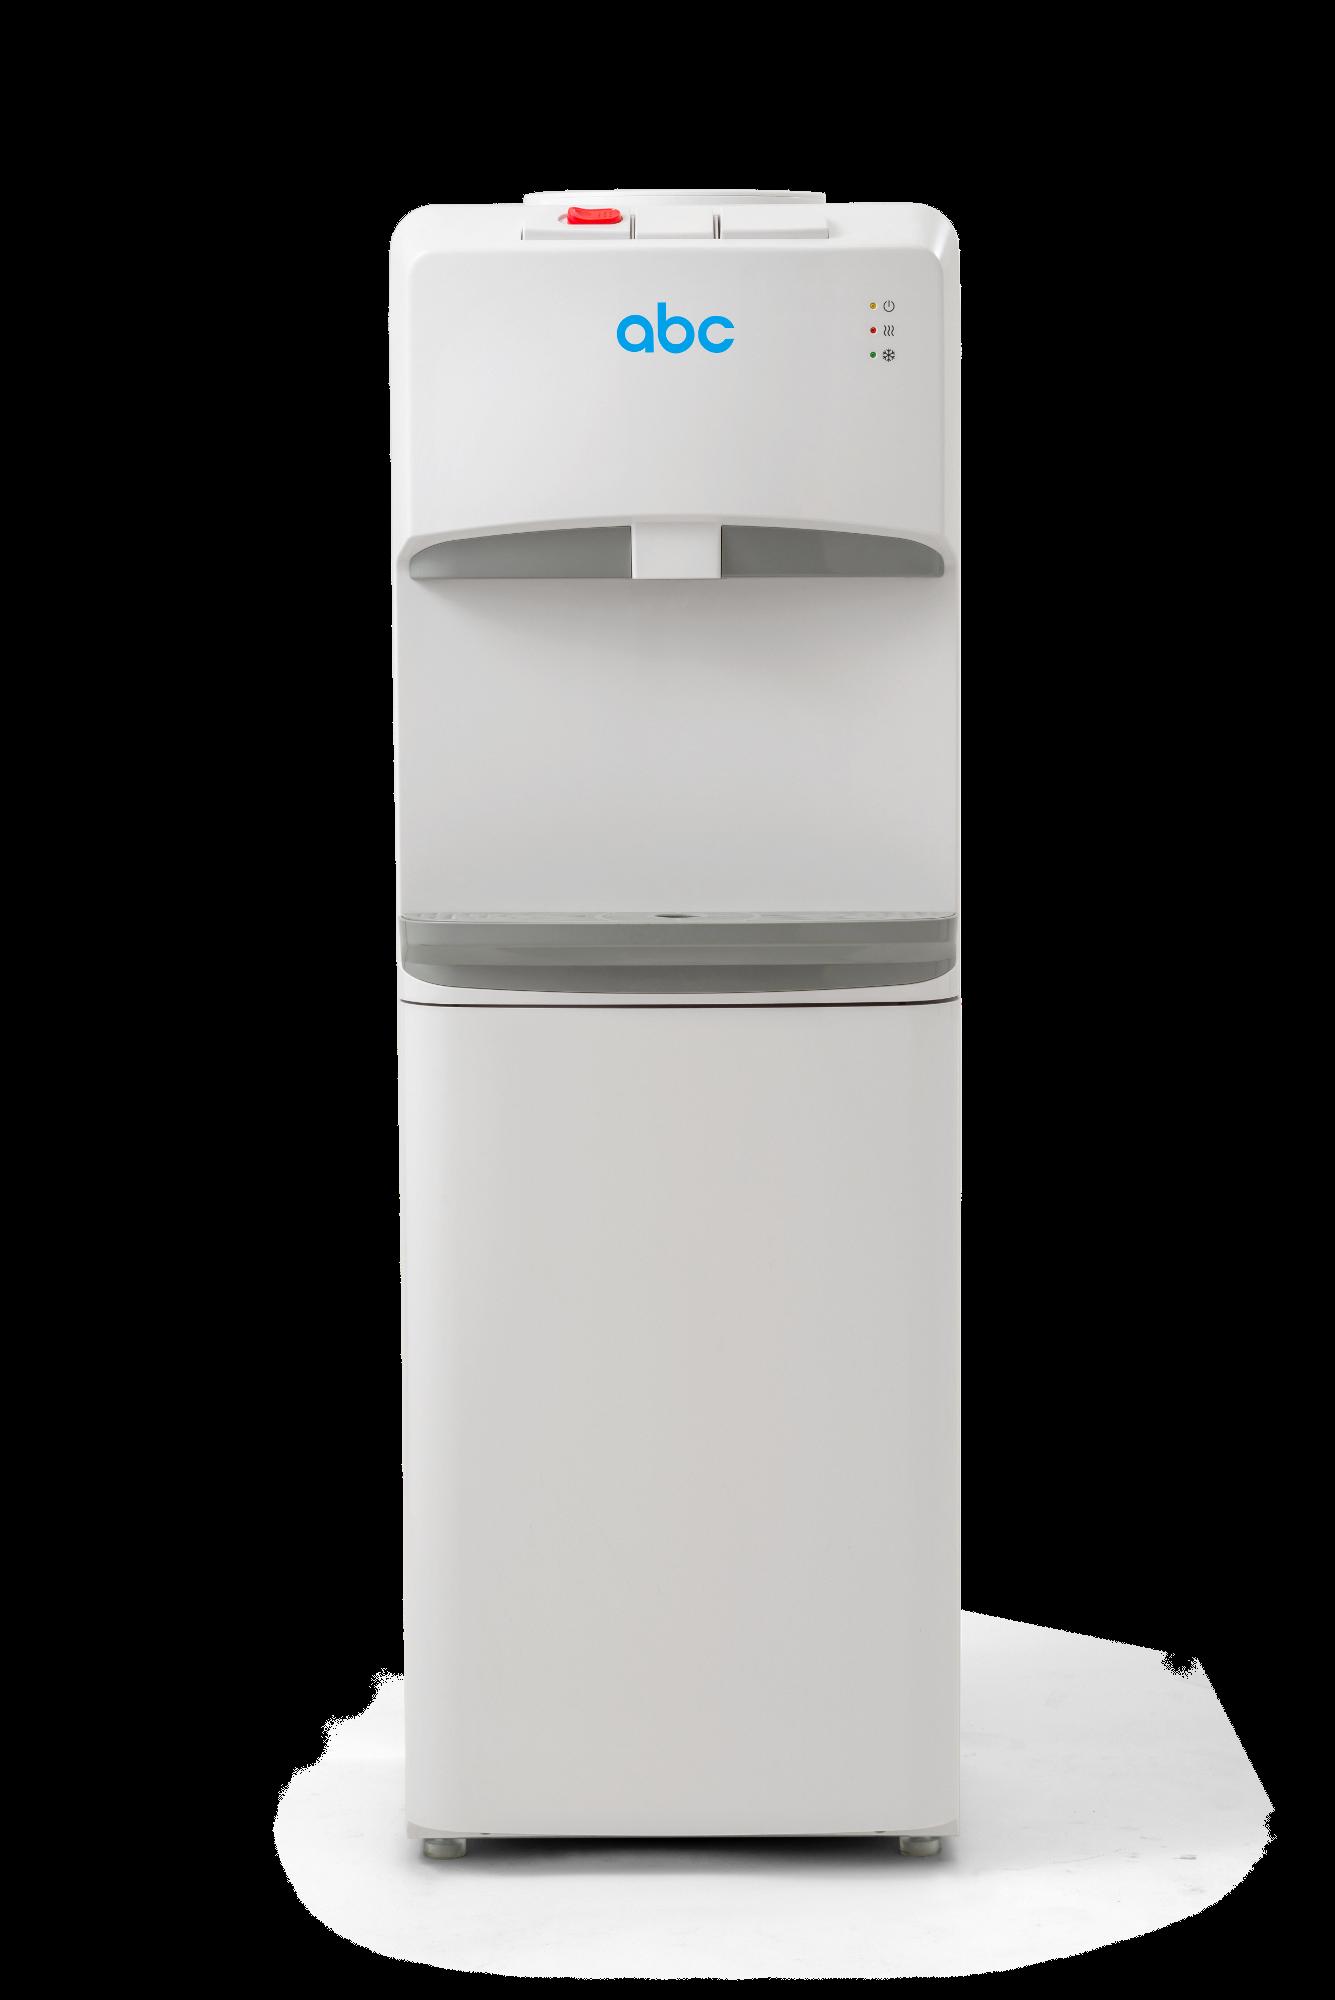 Кулер для воды ABC V100 с компрессорным охлаждением